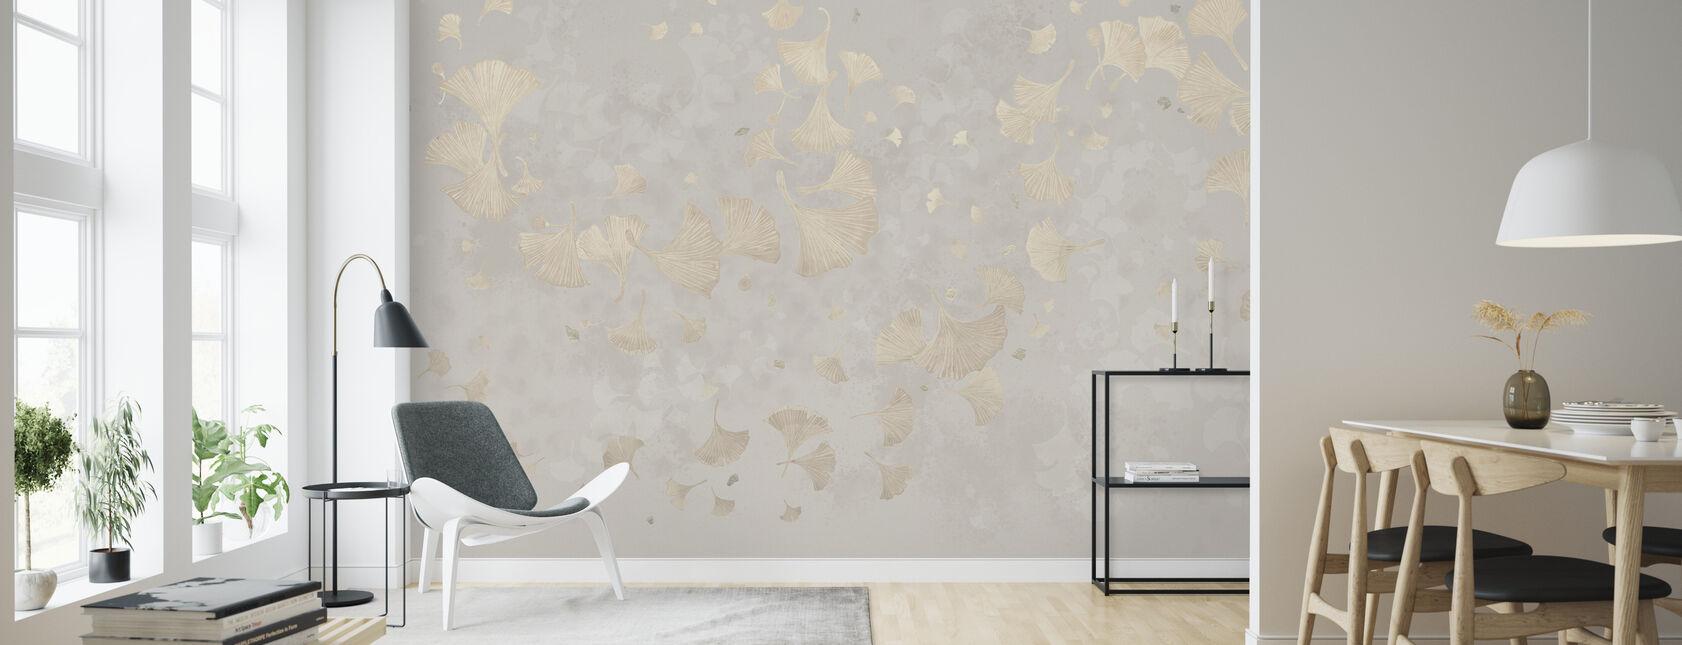 Ginkgo Blätter Blowin im Wind - Beige - Tapete - Wohnzimmer